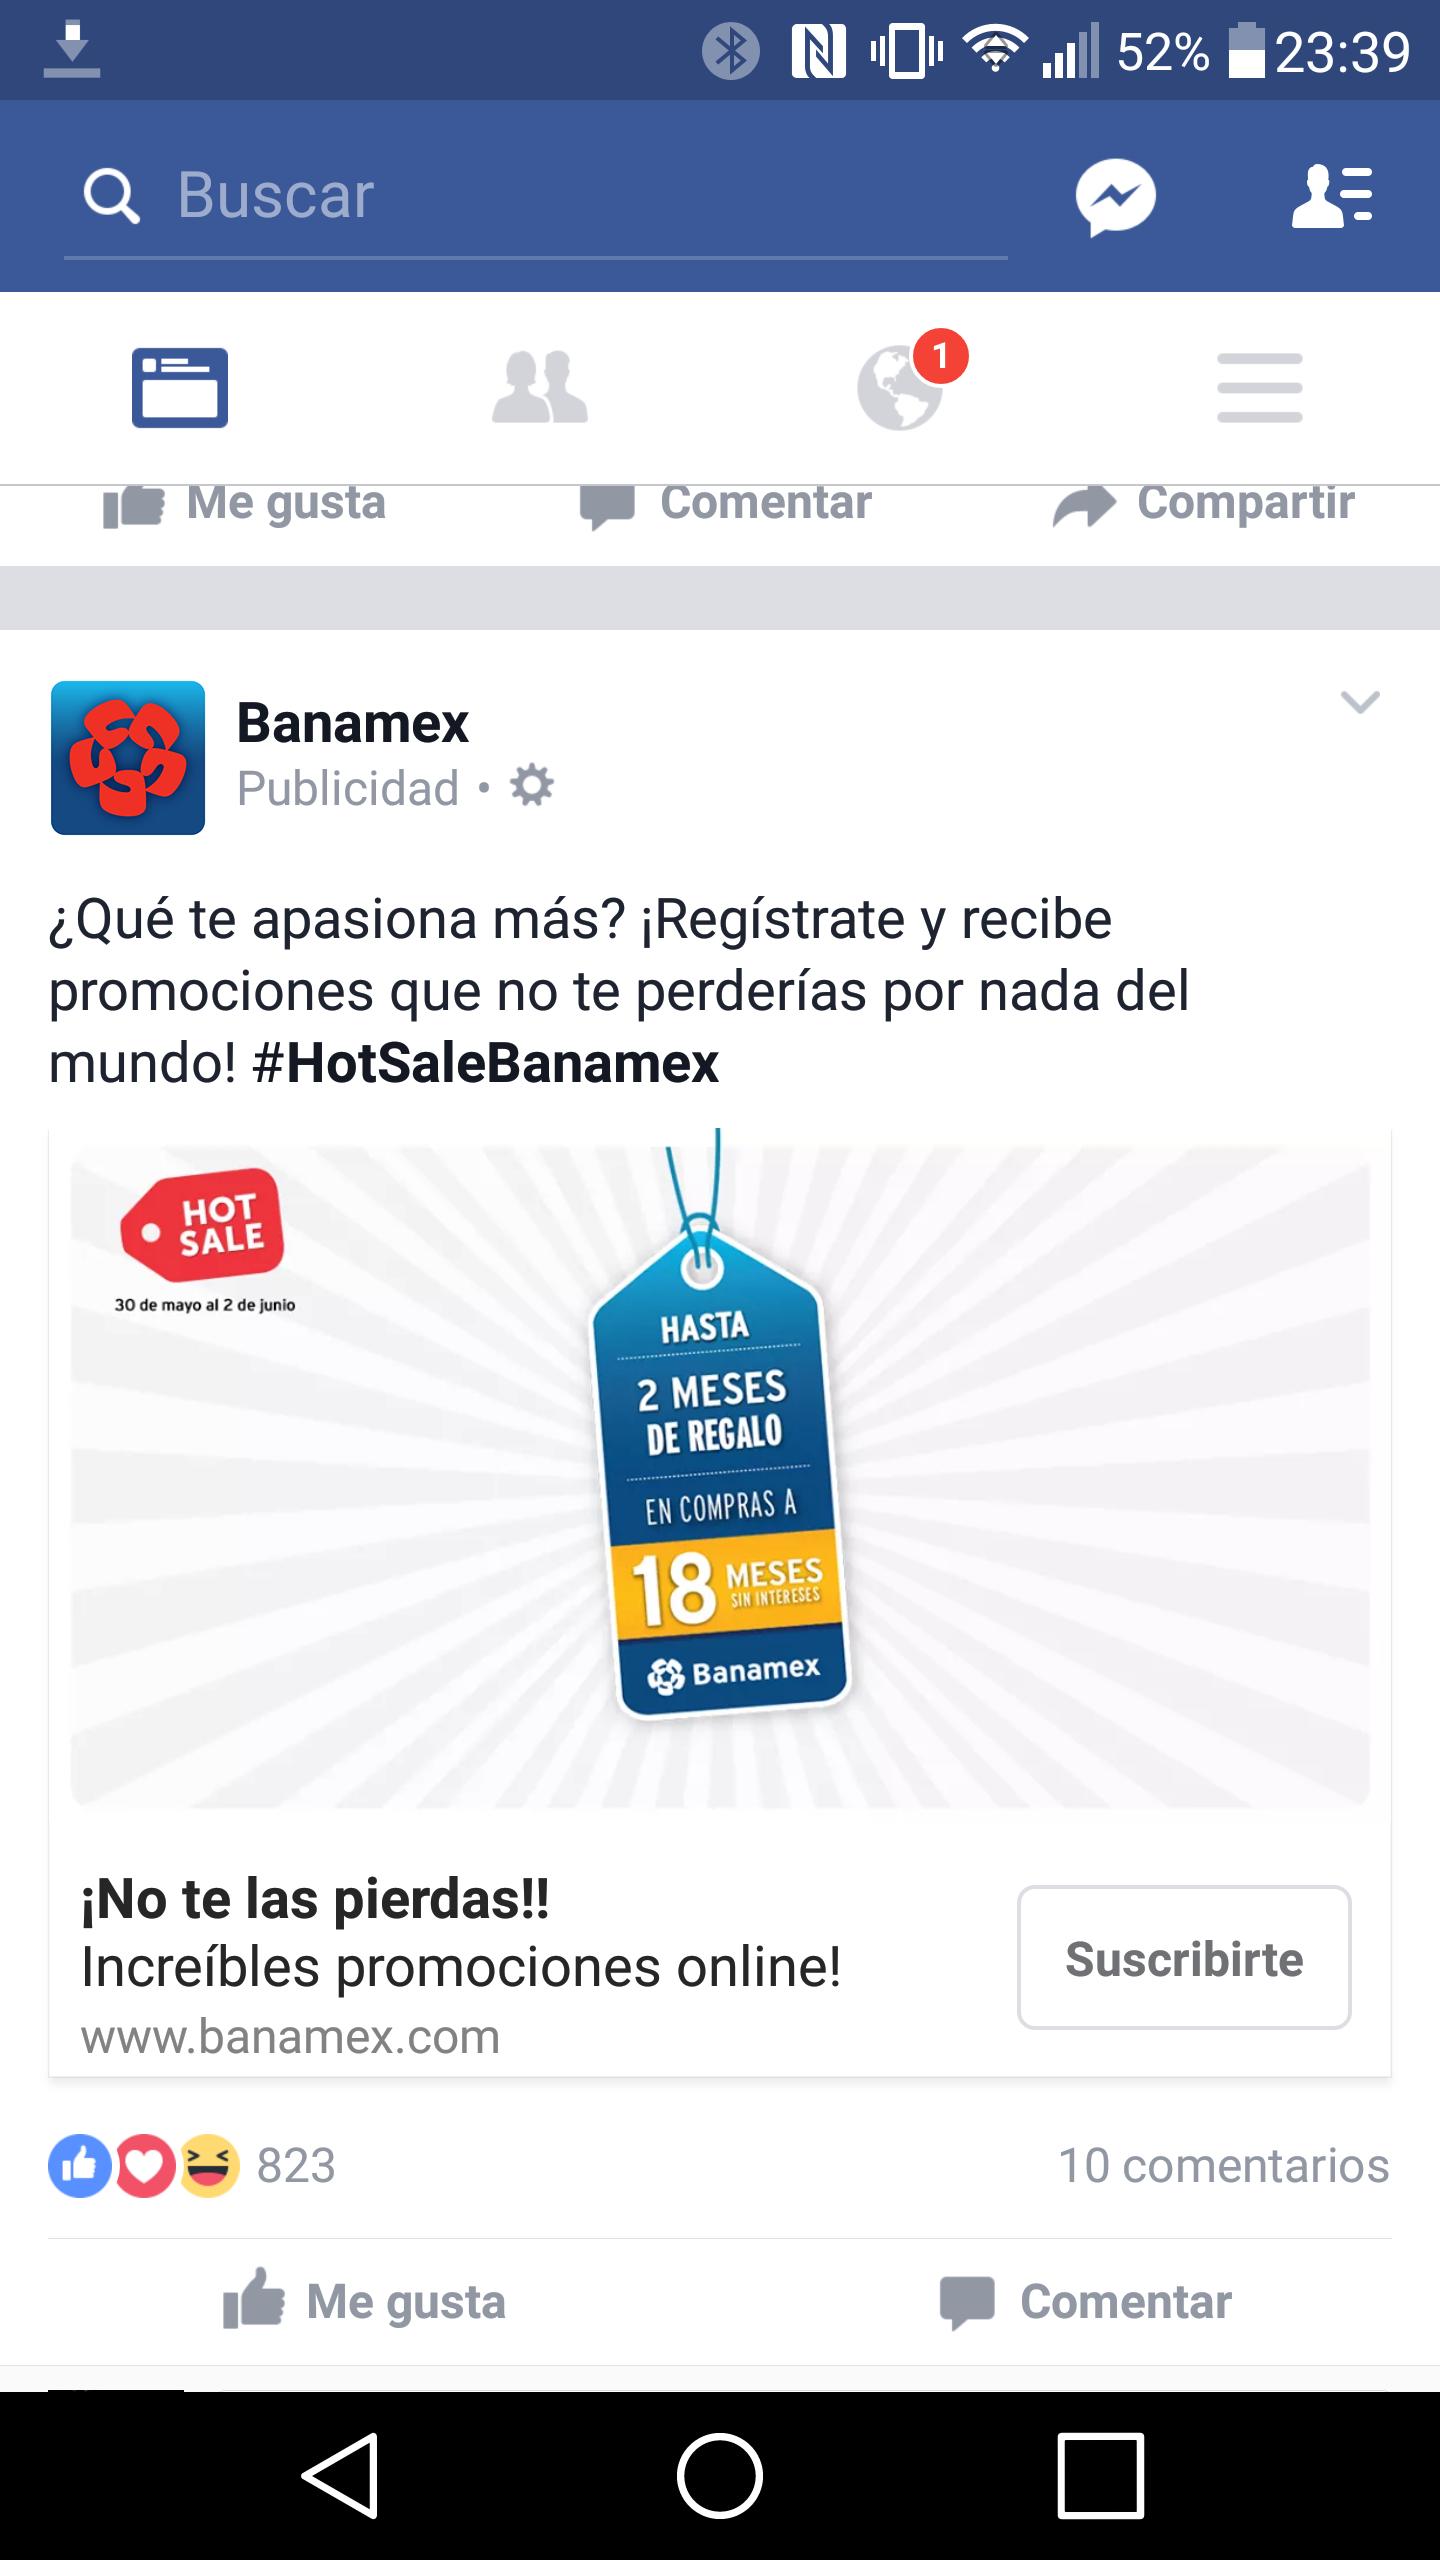 Hot Sale 2016 en Banamex: 18 meses sin intereses y hasta 3 de bonificacion